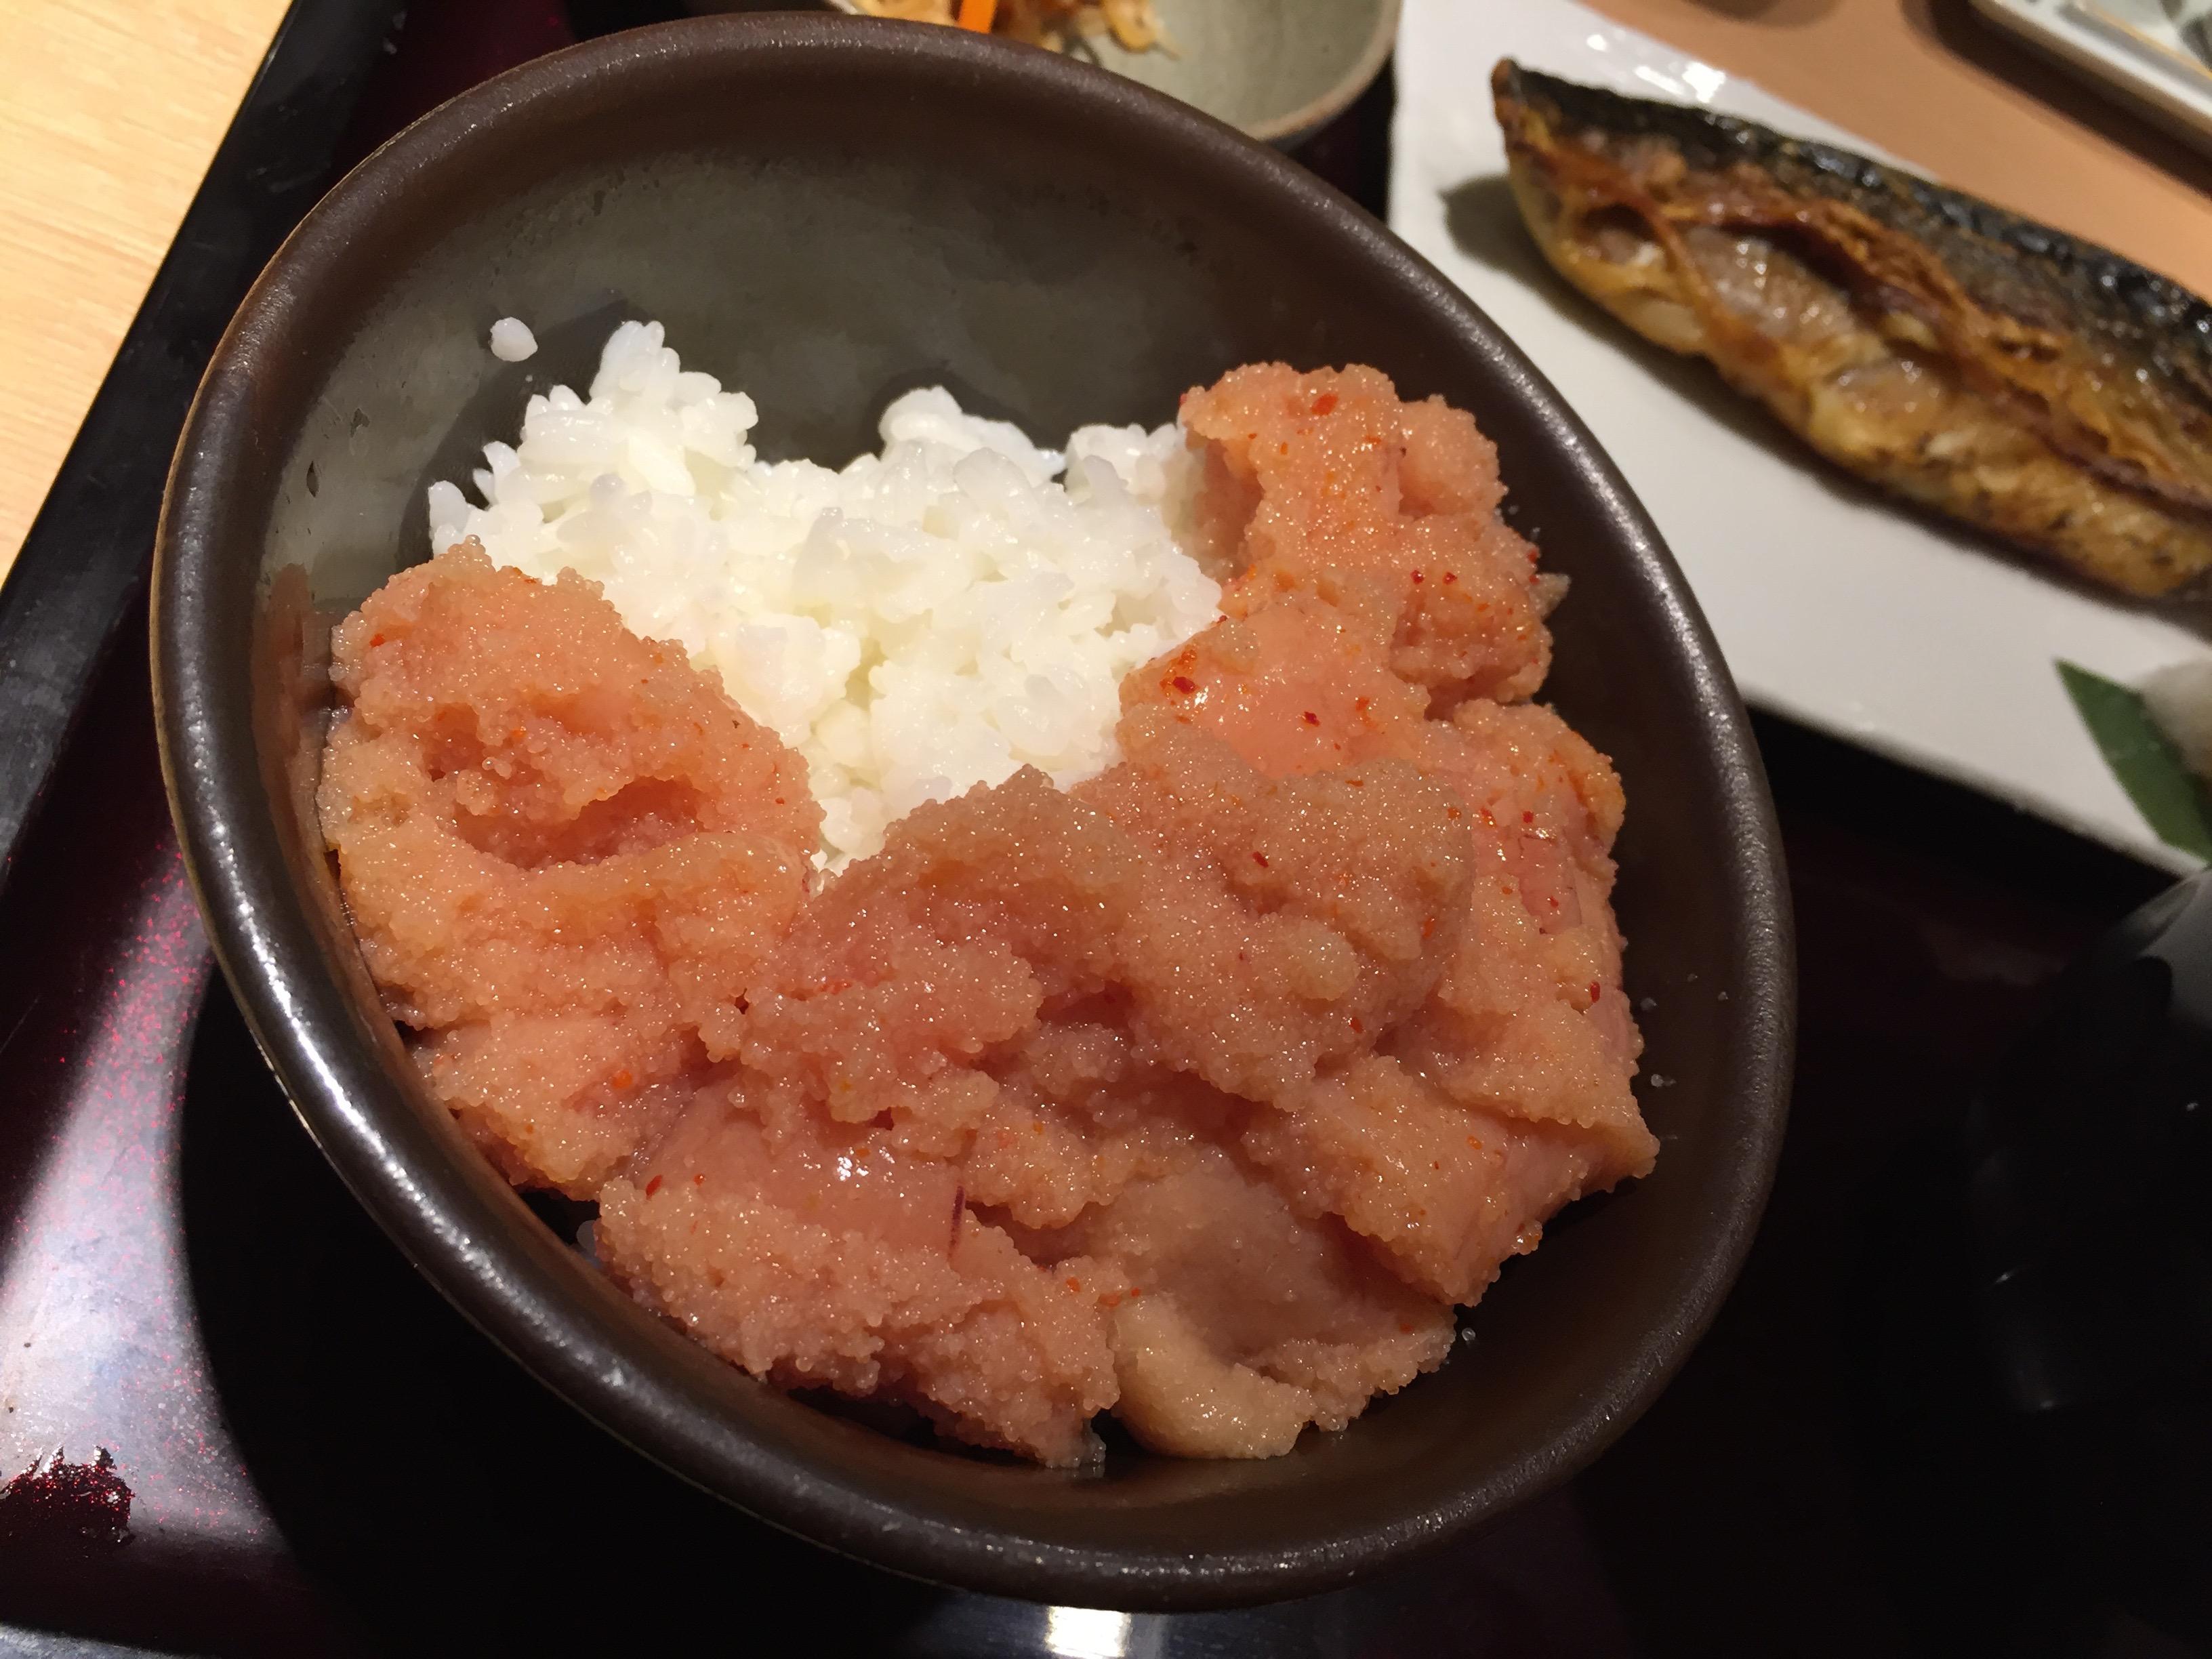 【北千住】明太子食べ放題のランチが美味しすぎる!やまや@北千住マルイ店